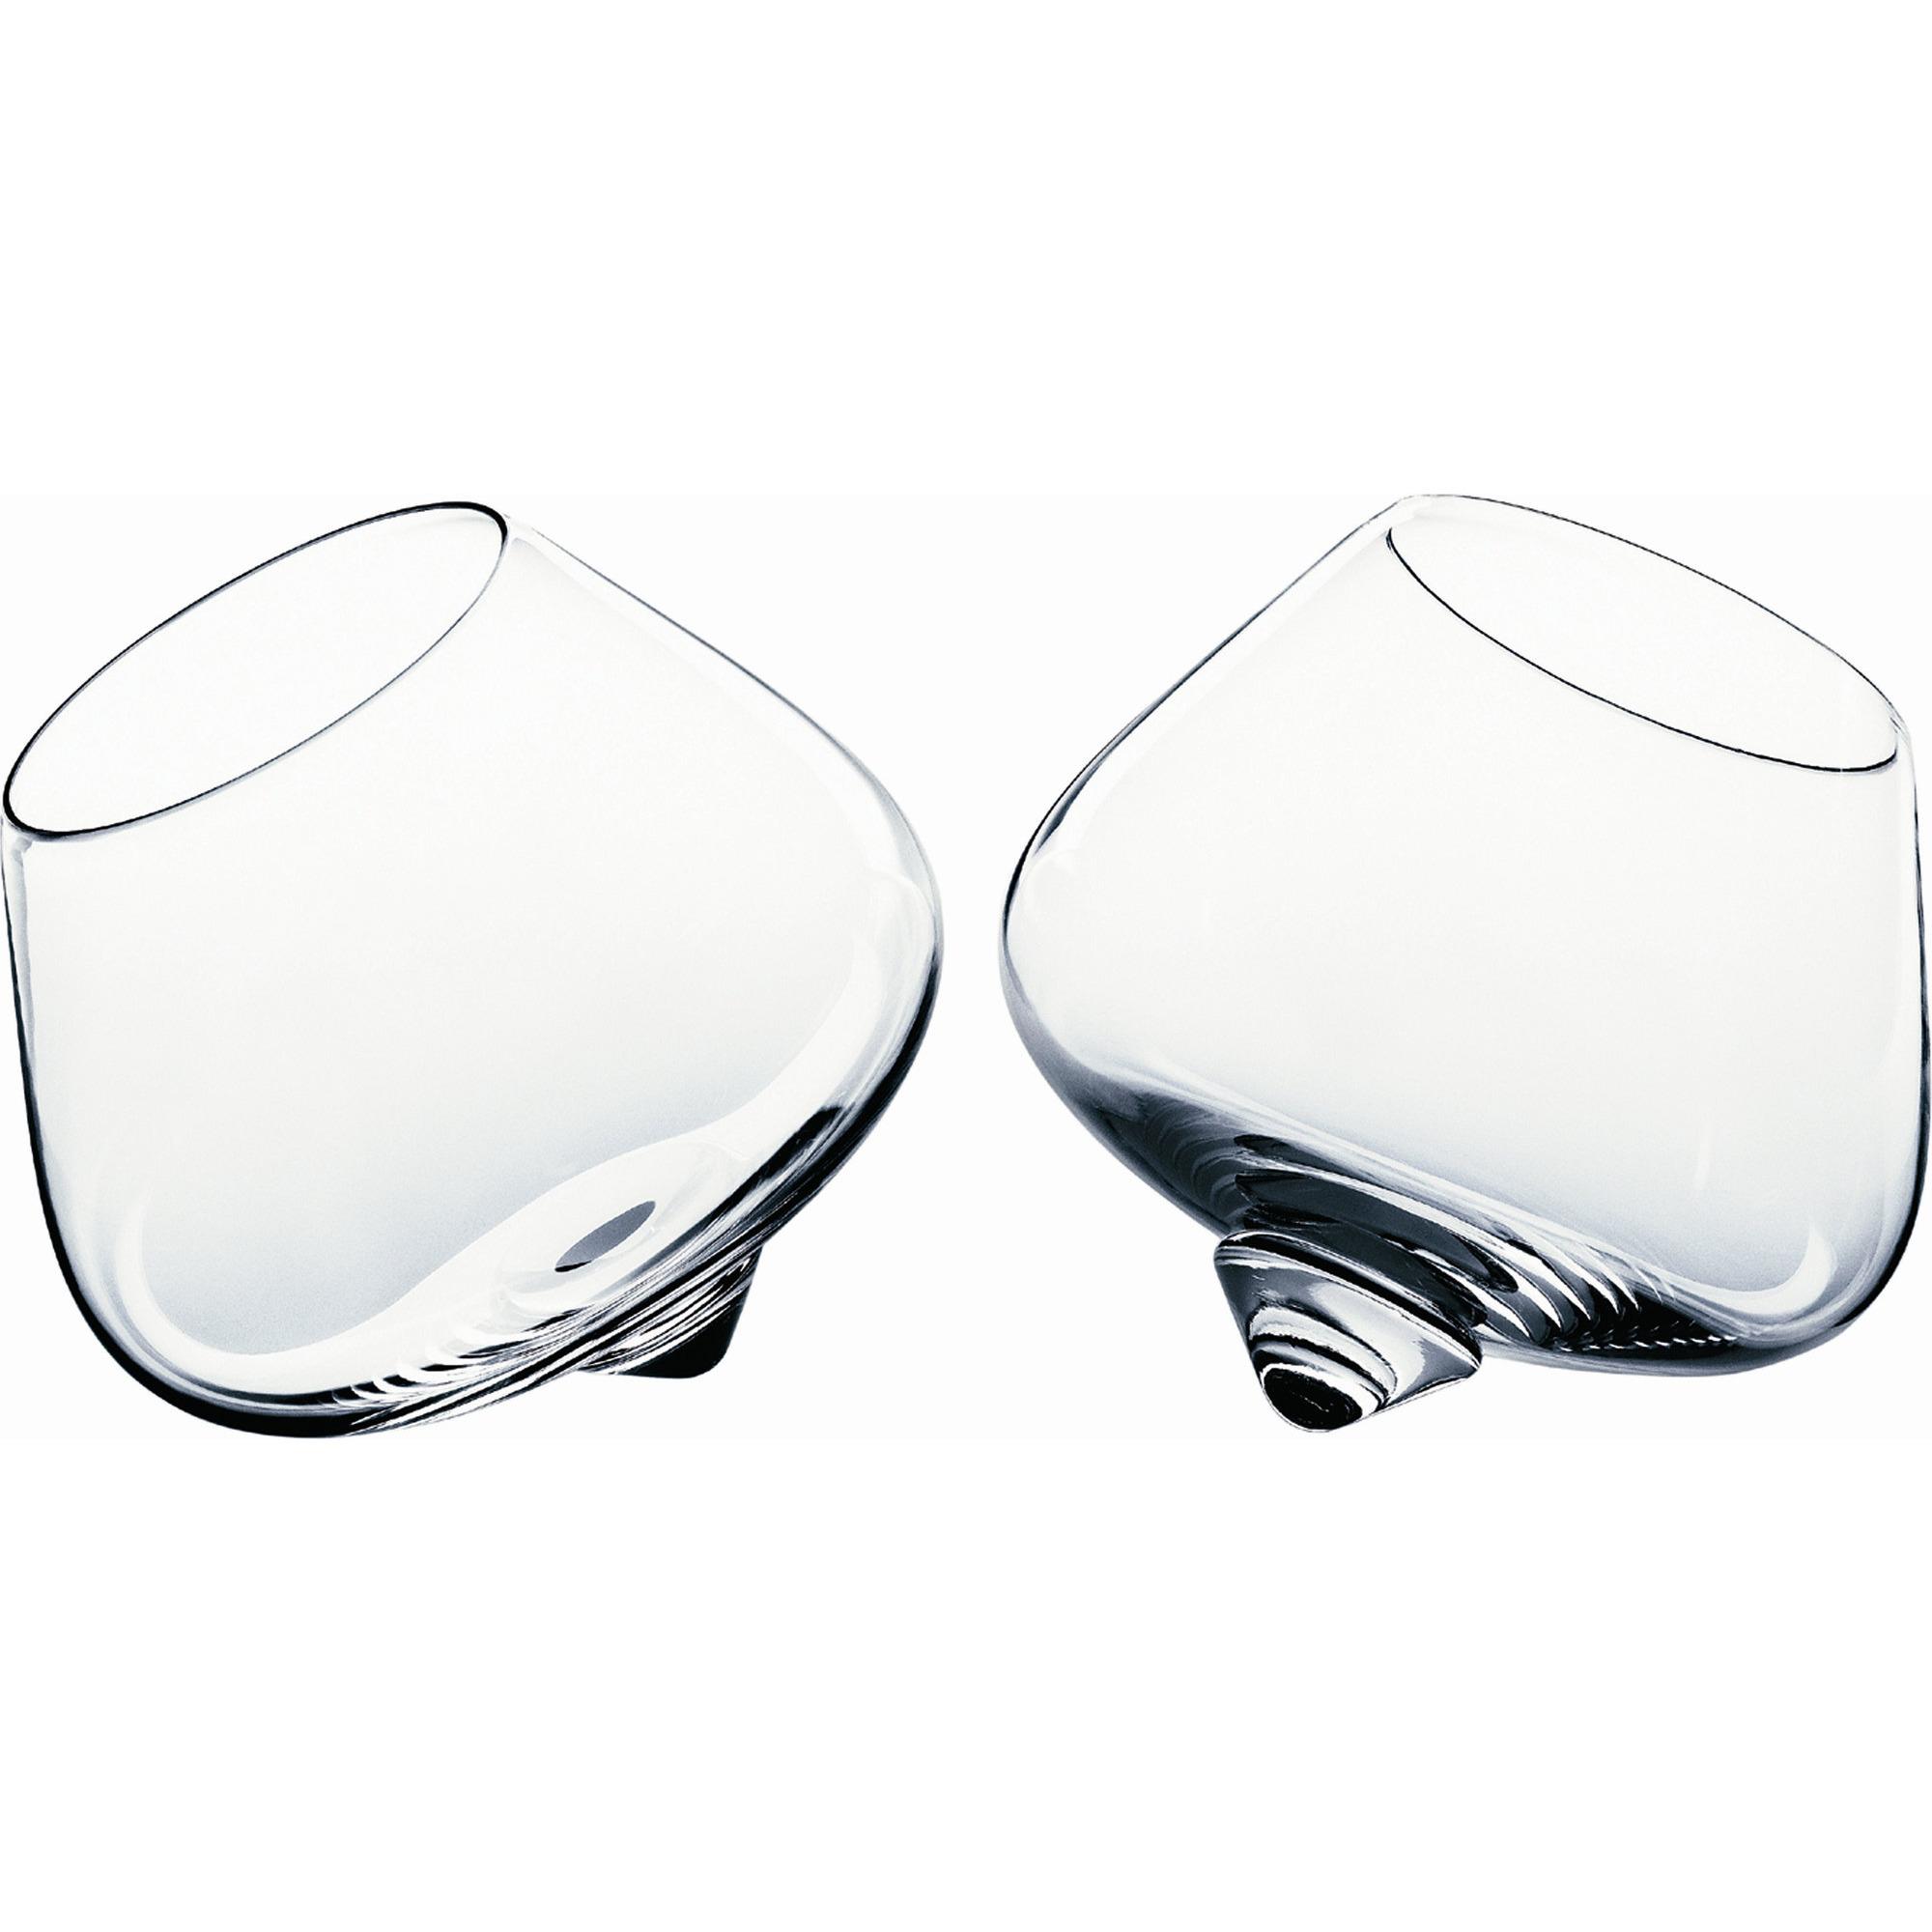 Normann Copenhagen Cognac Glass – 2 pcs 25 cl Gla